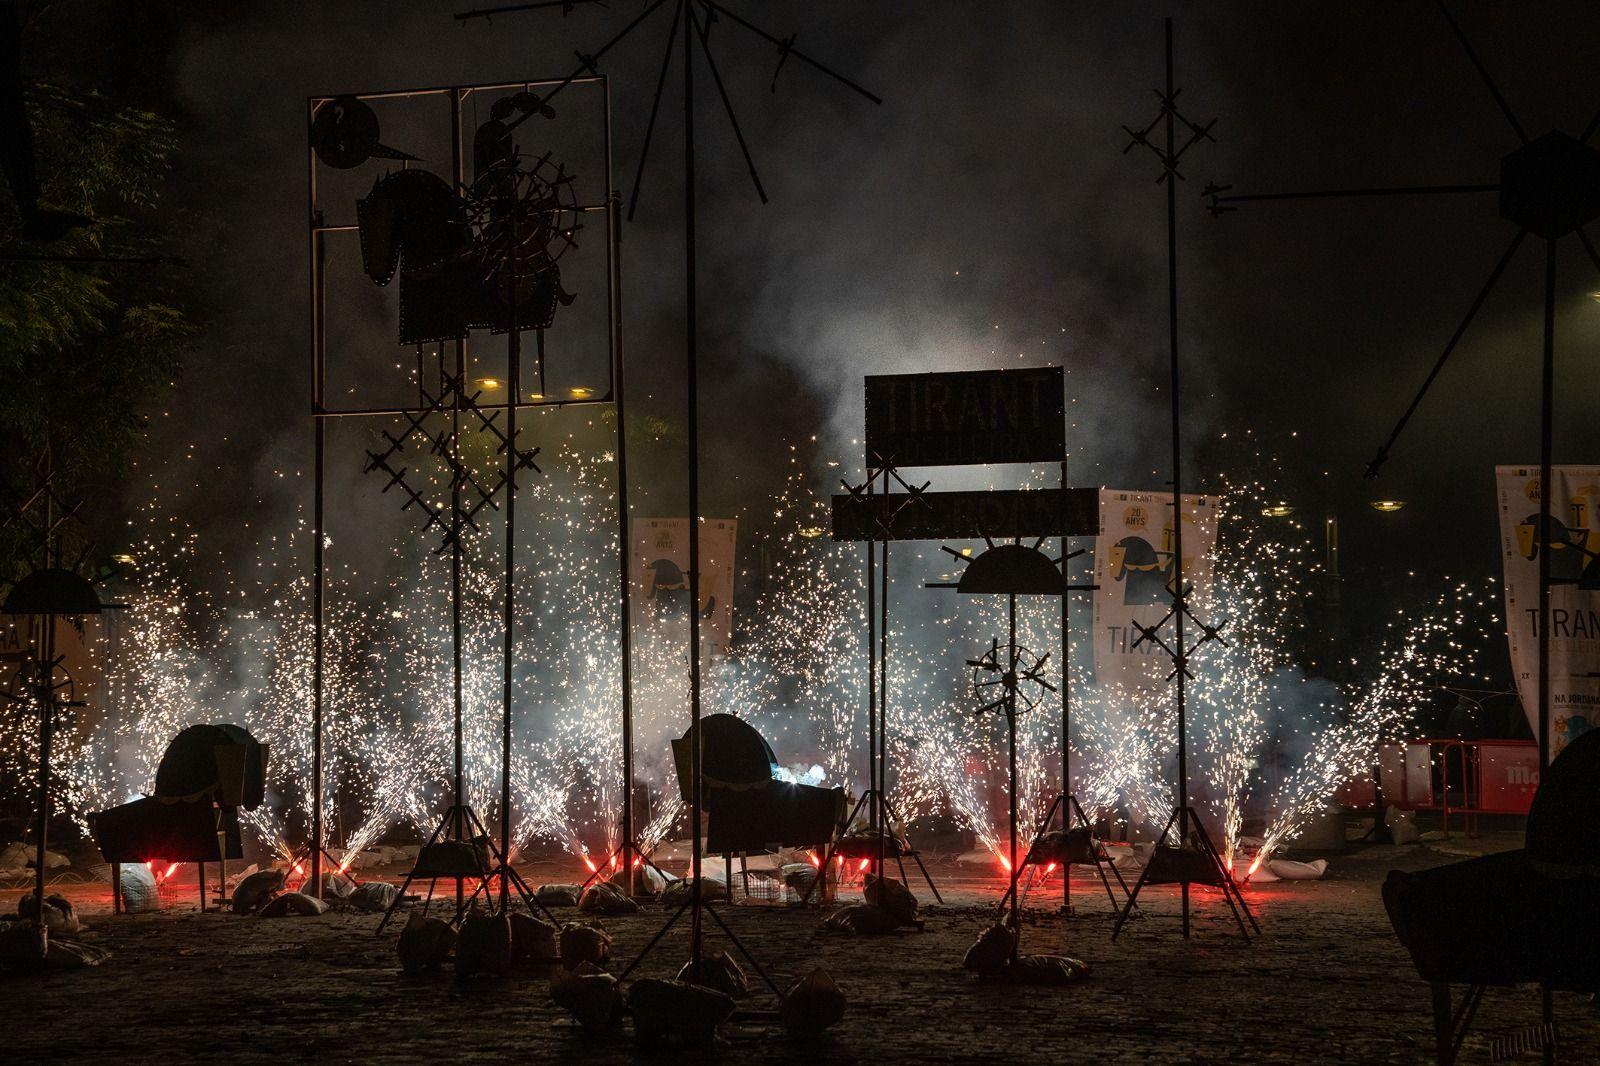 El fuego vuelve a Na Jordana con el Tirant de Lletra